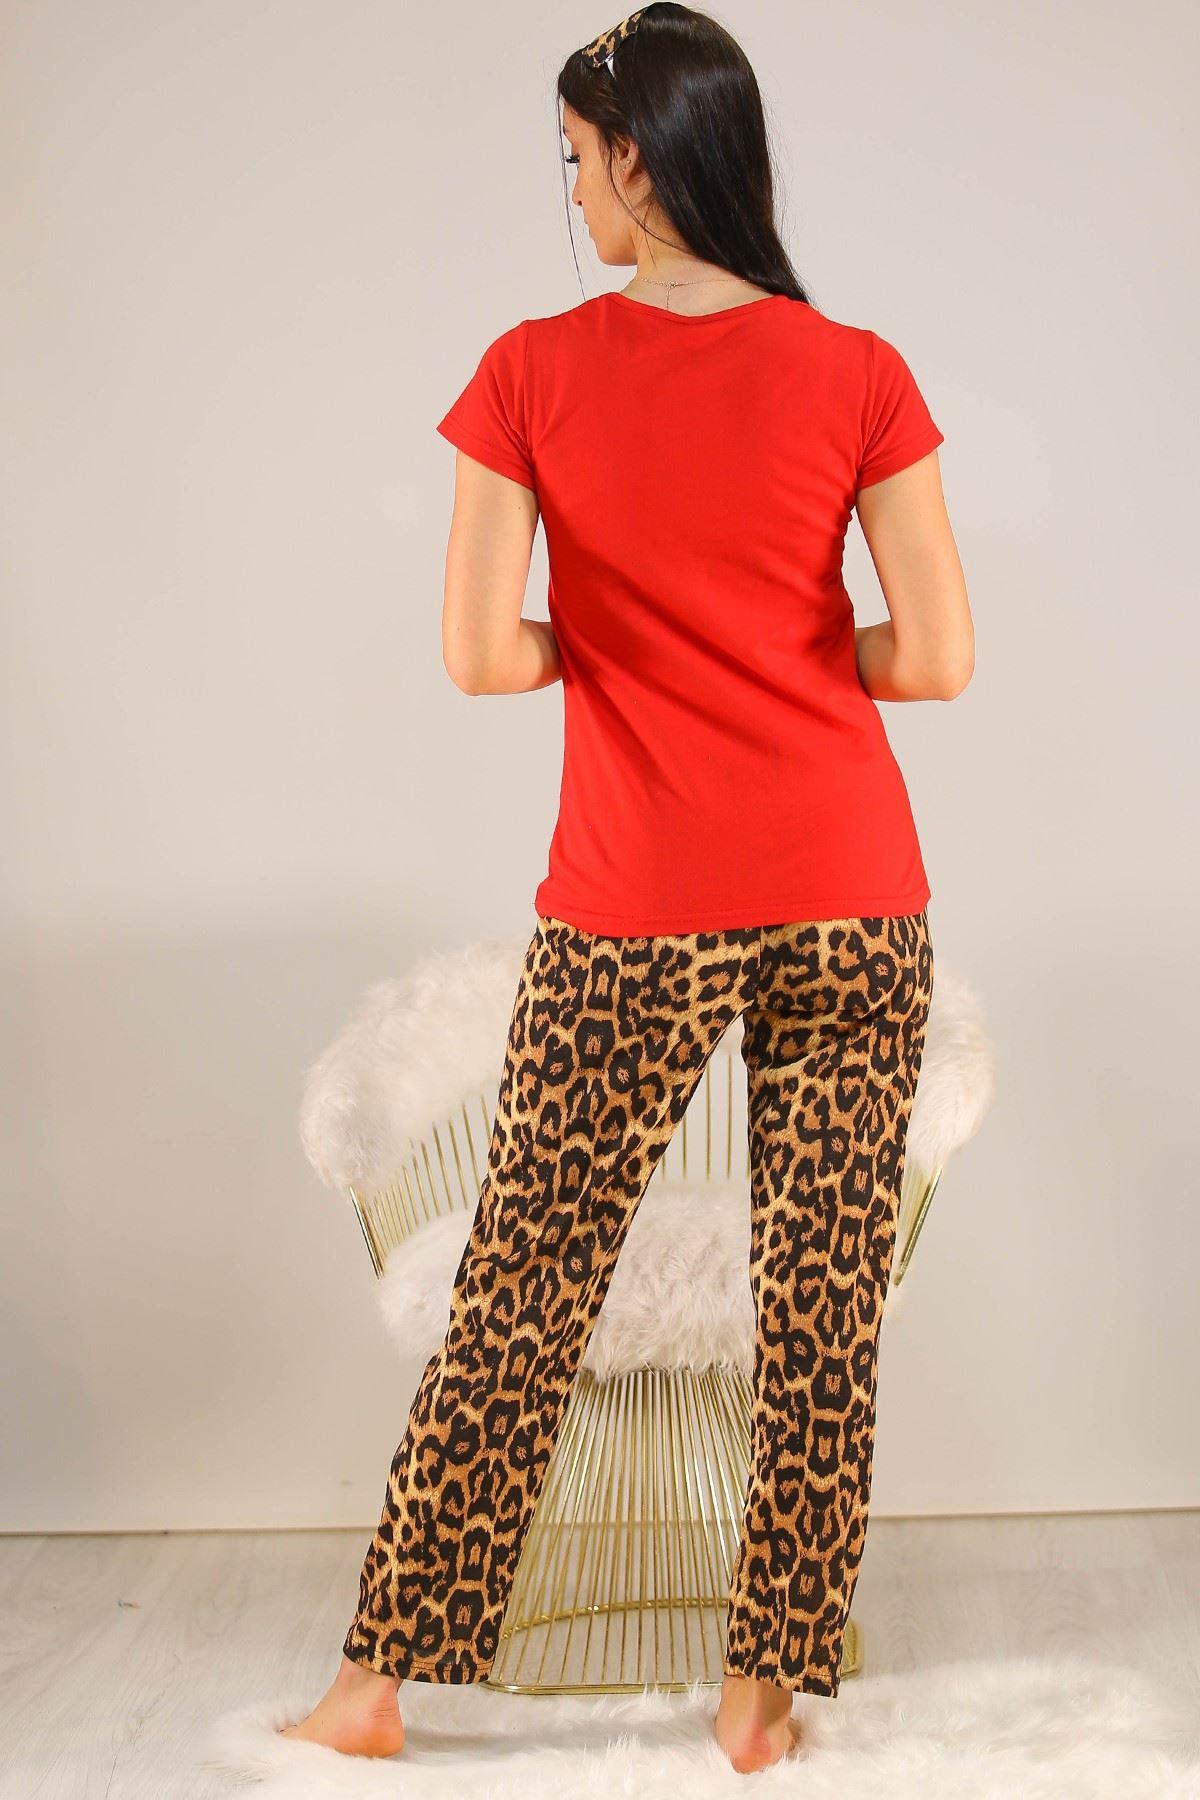 Baskılı Pijama Takımı Kırmızı - 5096.102.